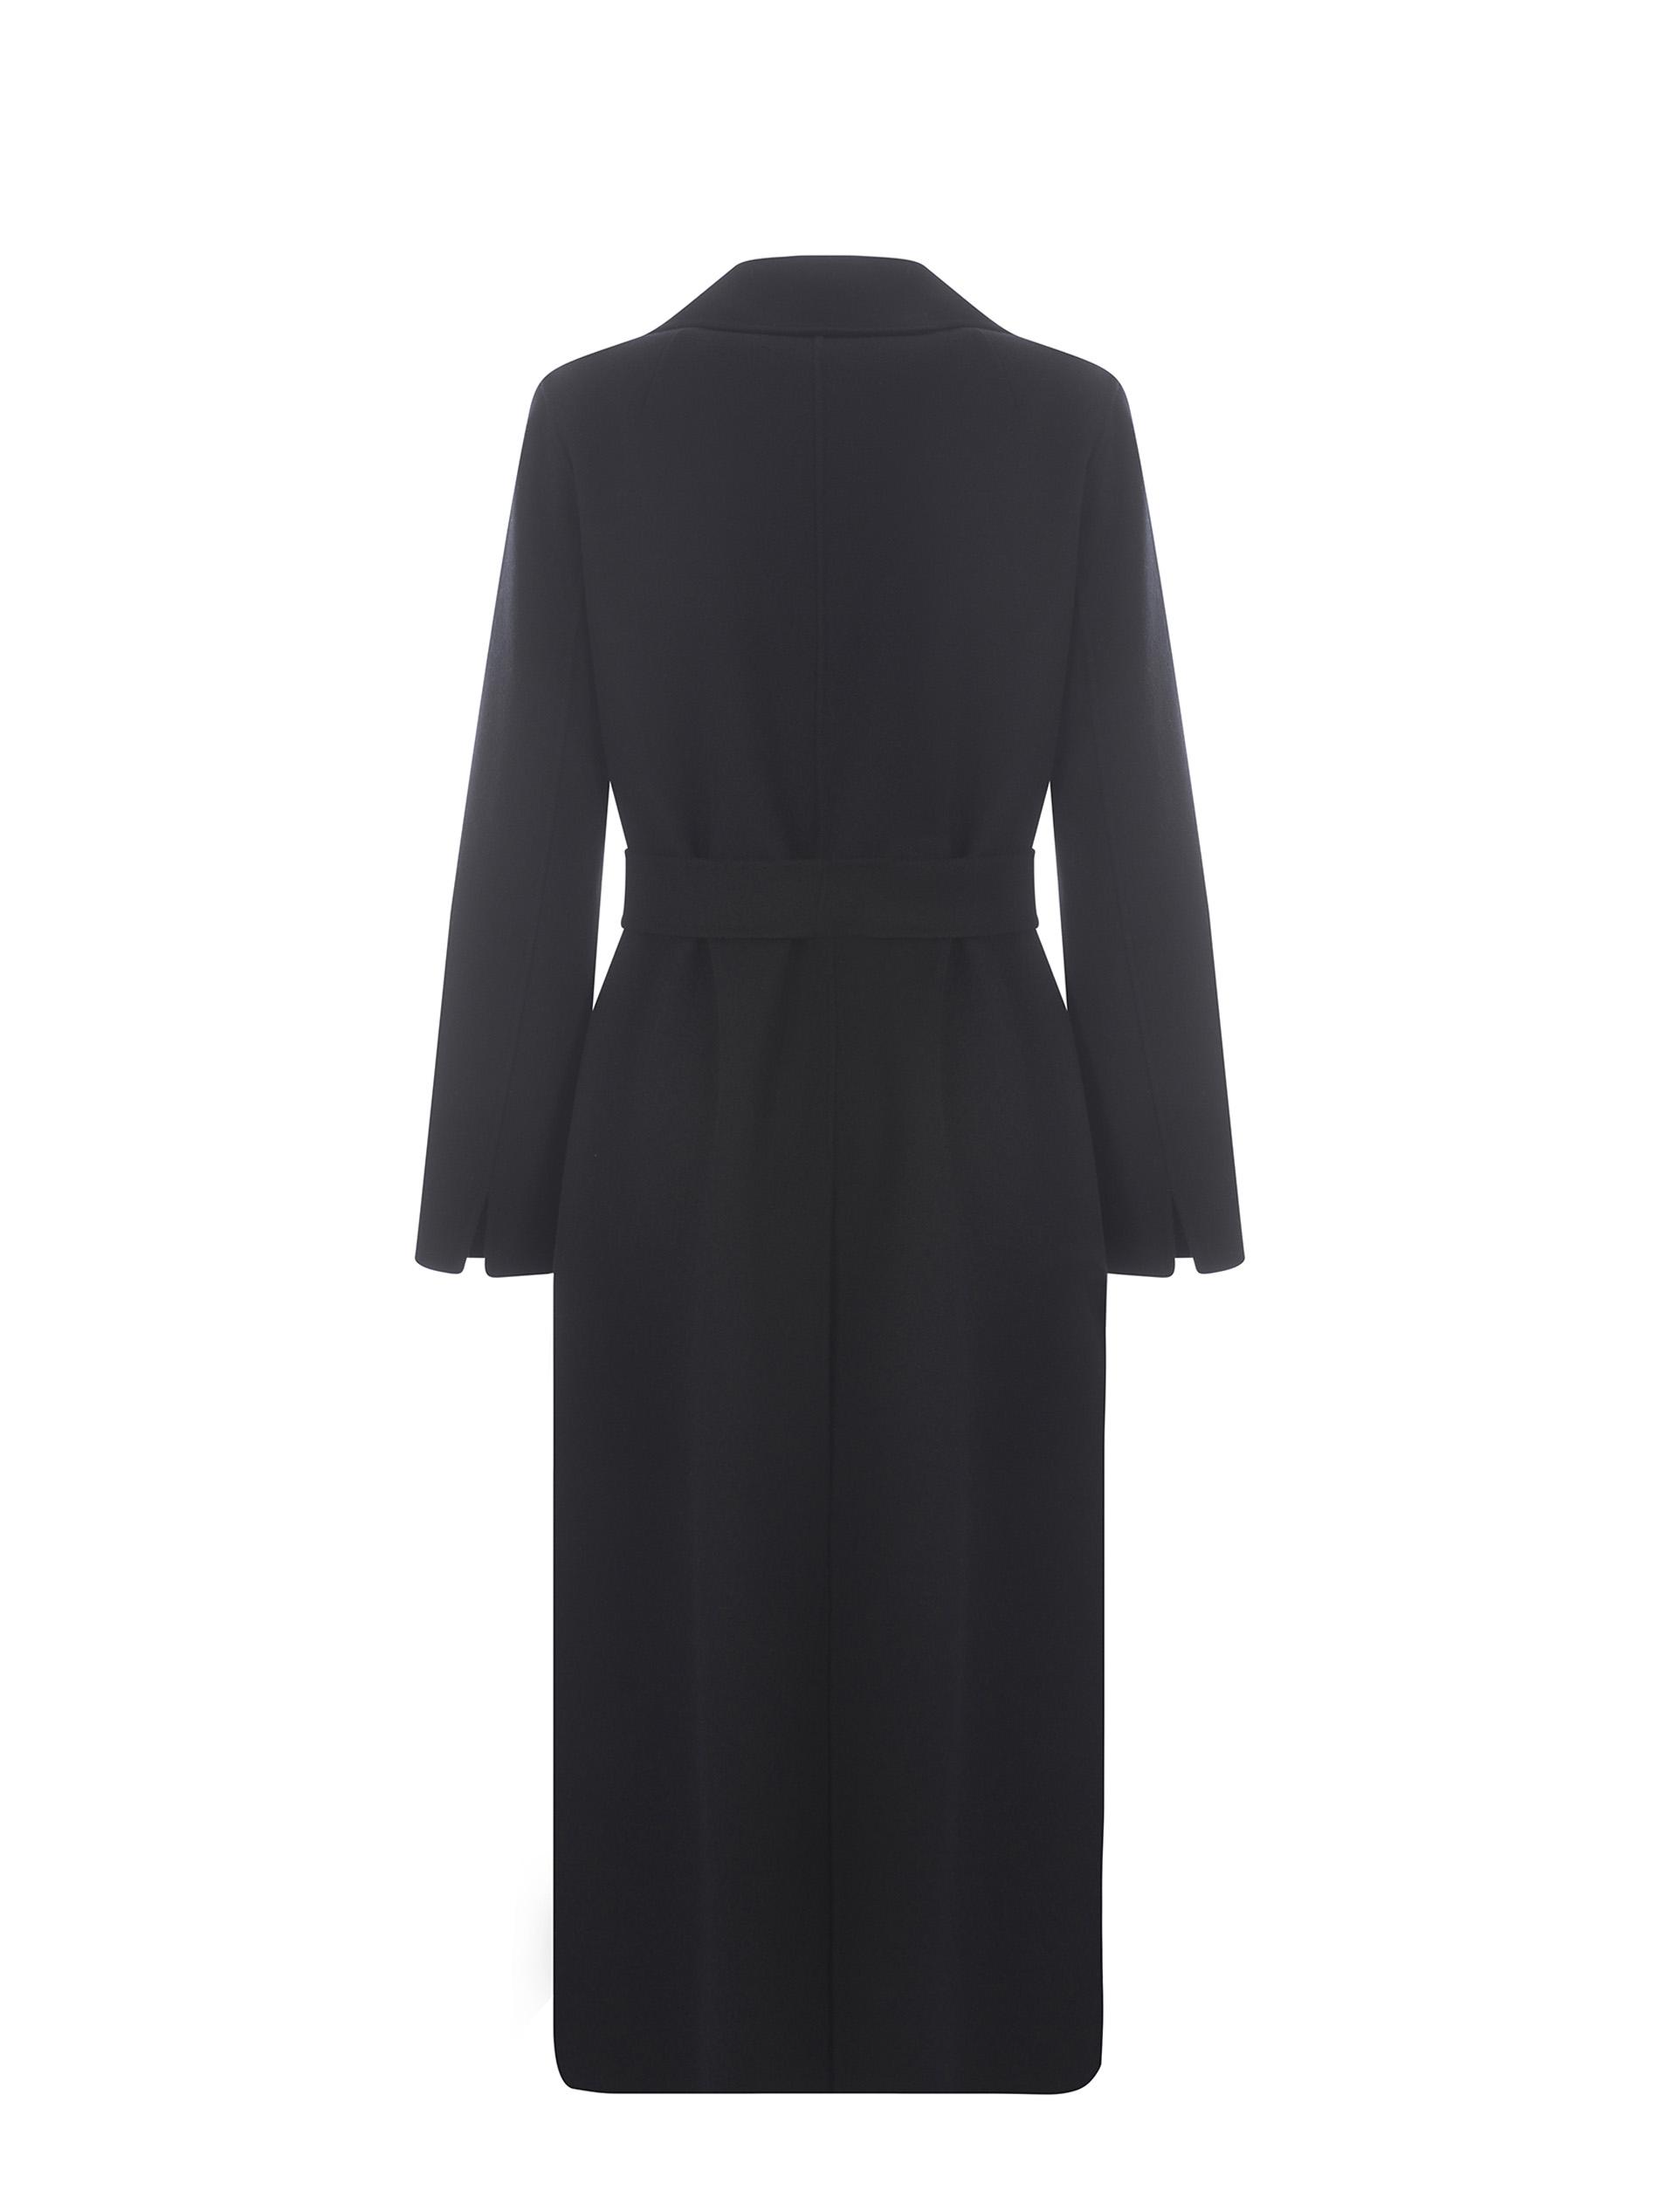 Cappotto lungo Max Mara Paolore in pura lana vergine S MAXMARA | 17 | 90160819600700-013